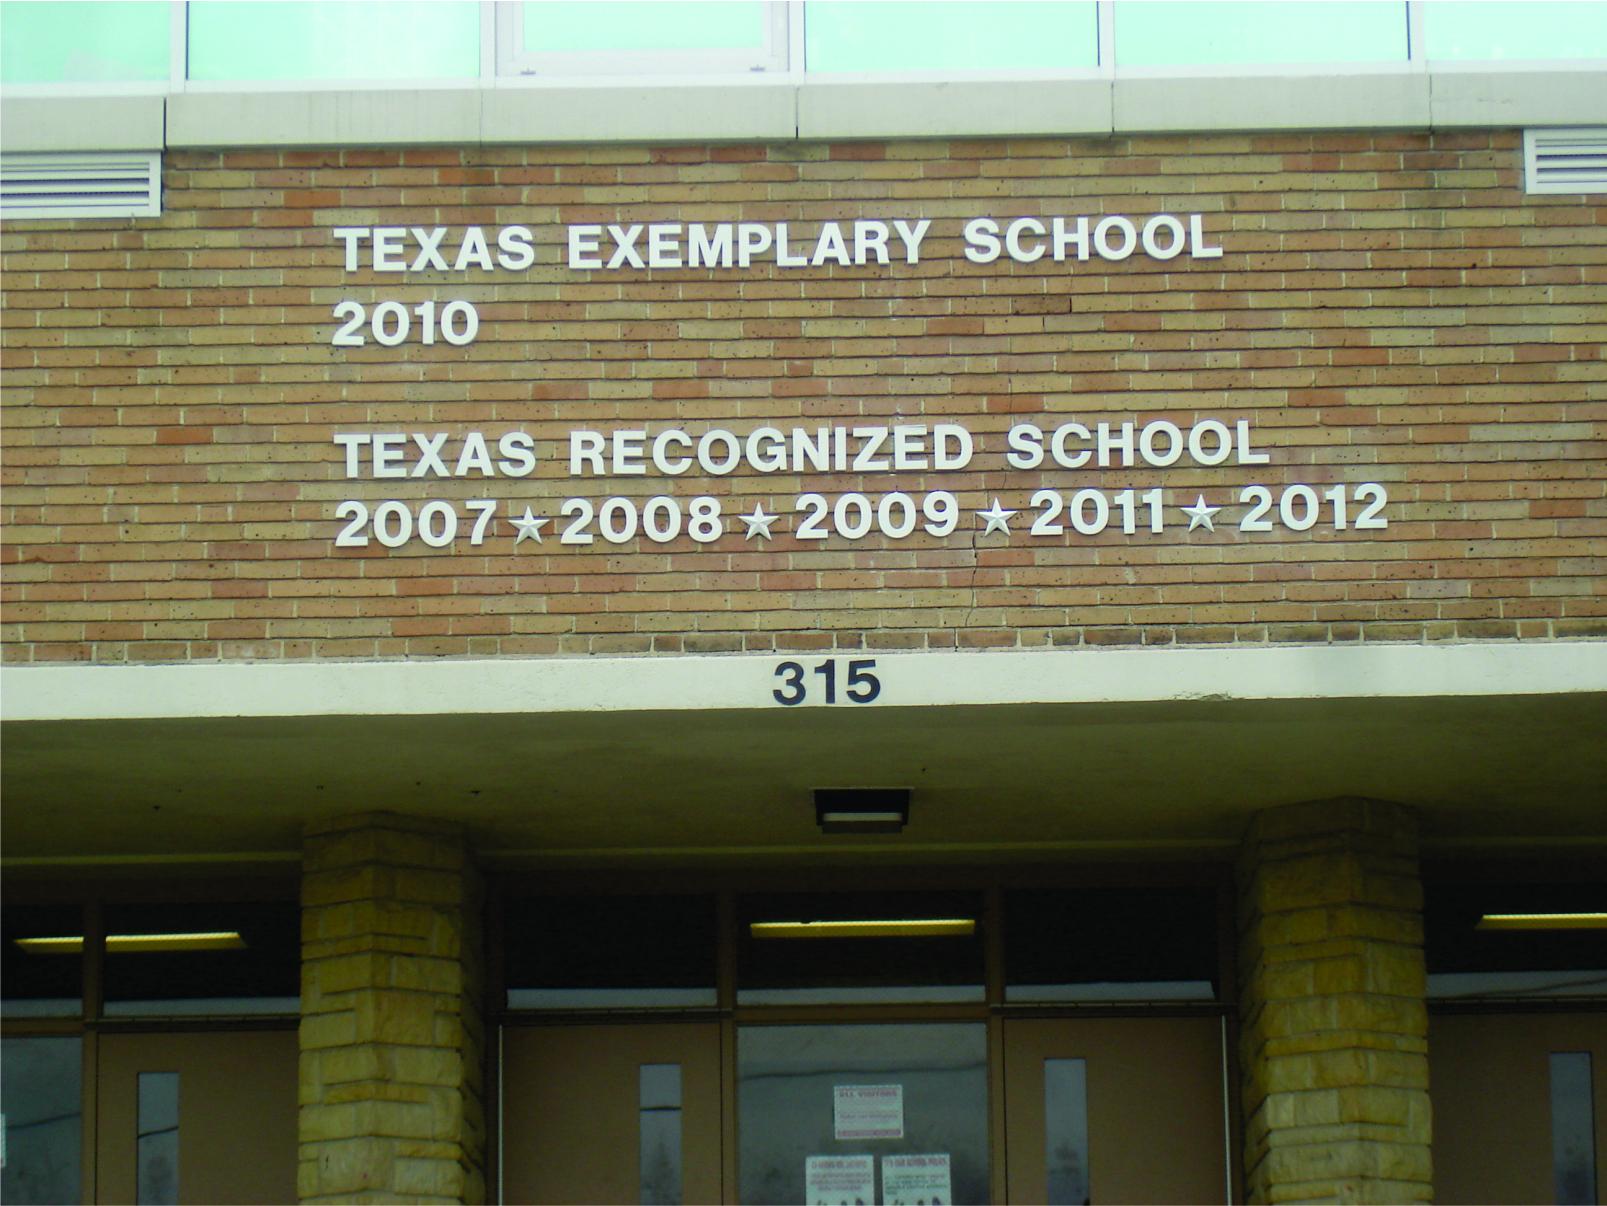 Texas Exempt.jpg